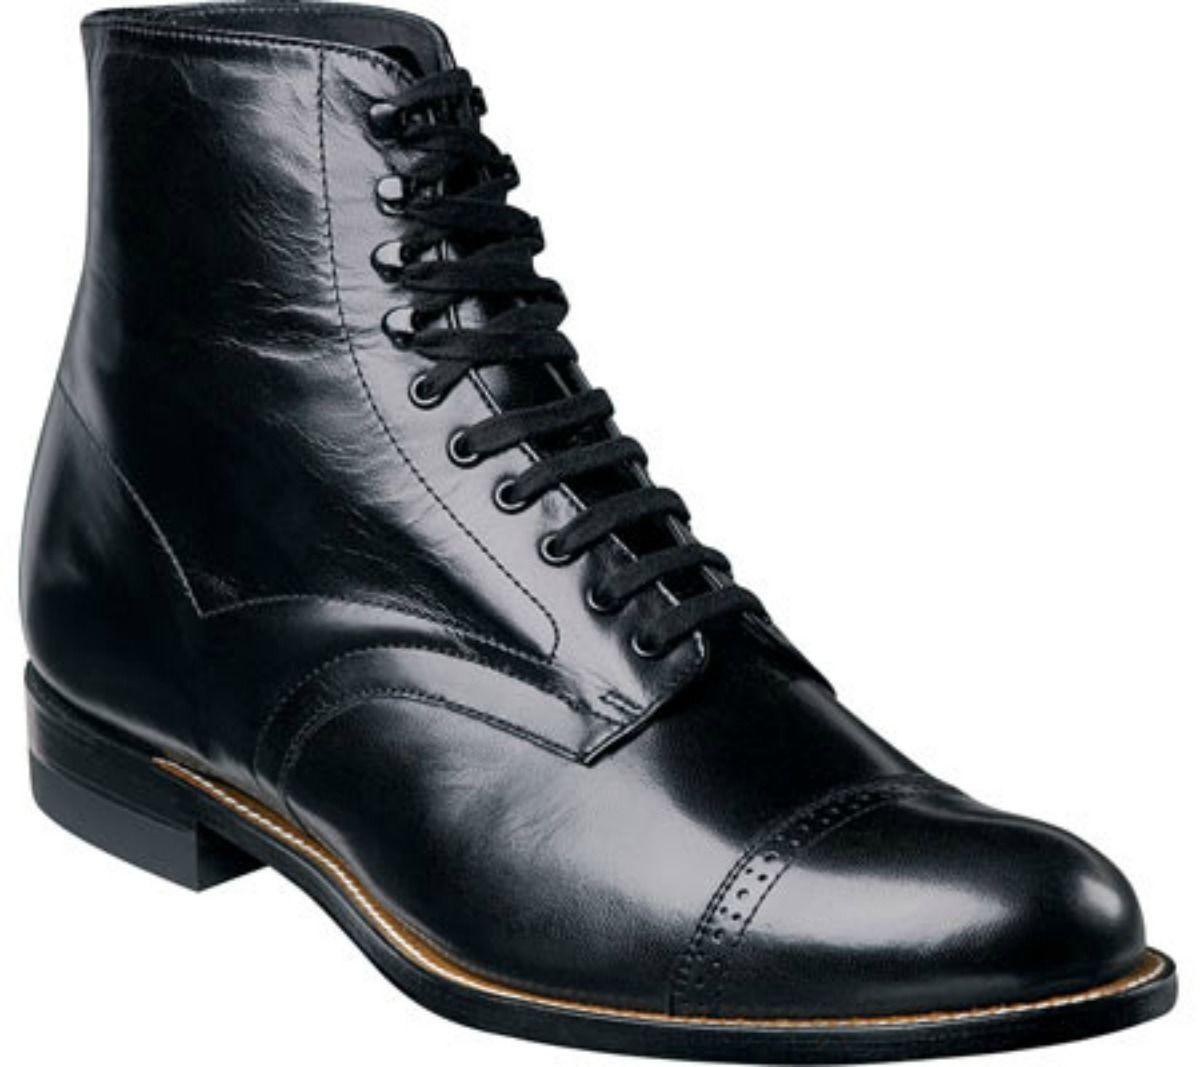 marchi di stilisti economici Stacy Adams Ankle avvio Biscuit Madison nero Wide Wide Wide 00015-01 E  garanzia di qualità